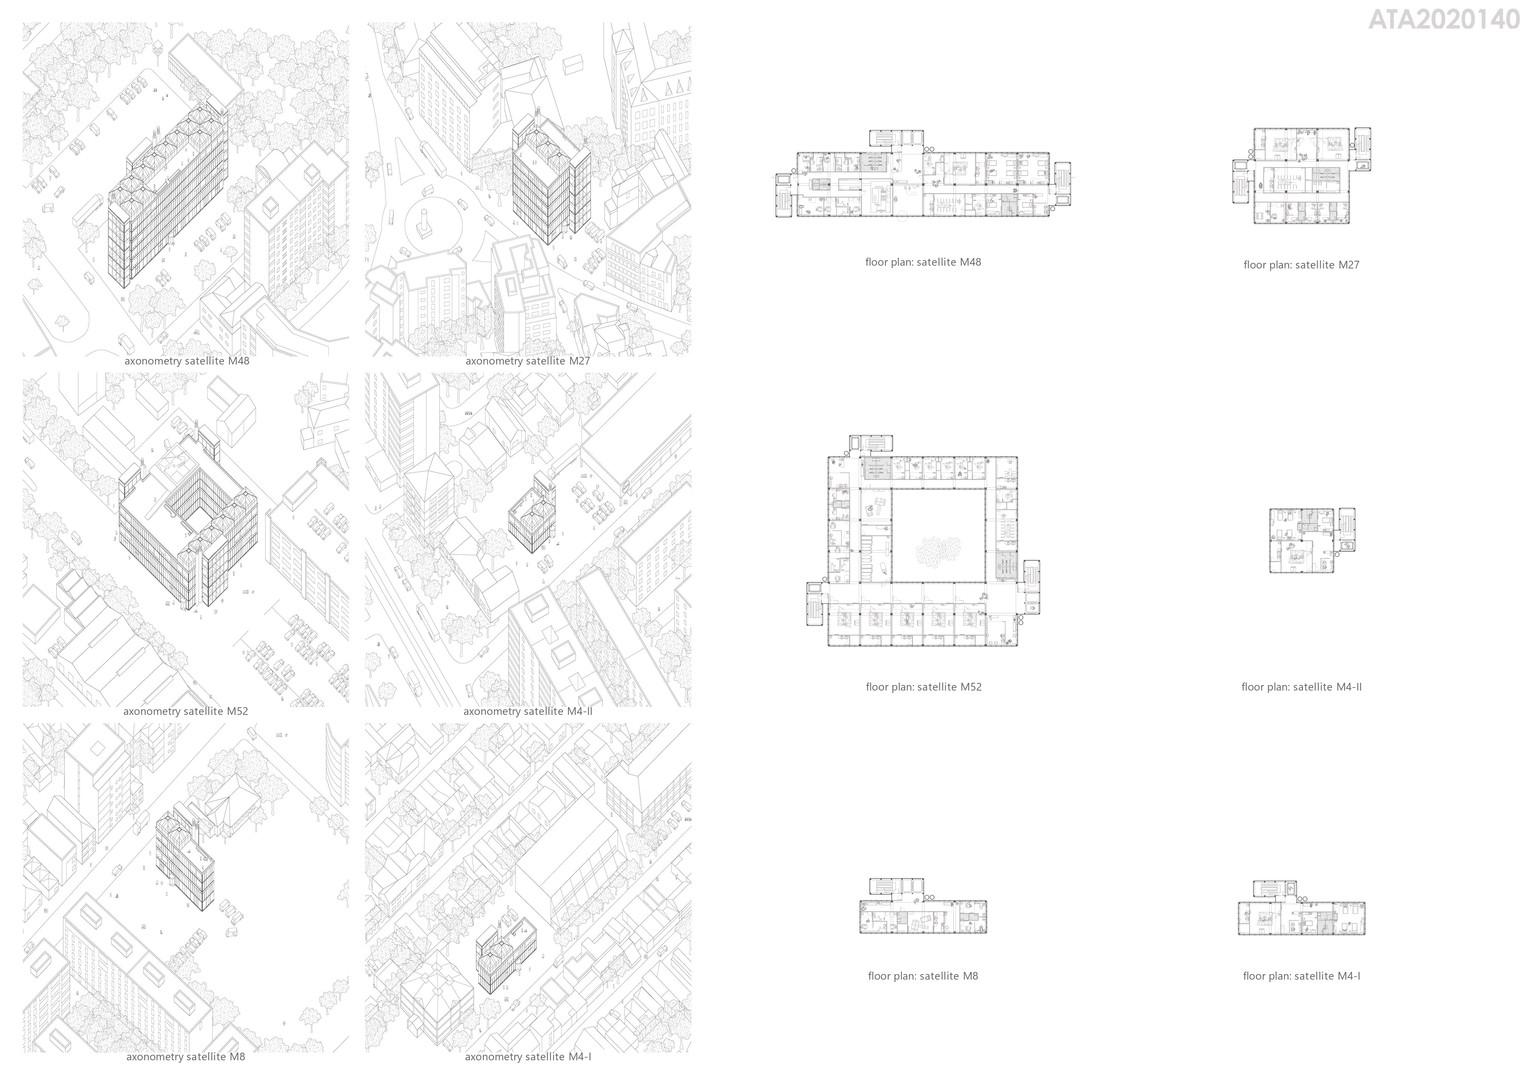 ATA2020140-5_page.jpg